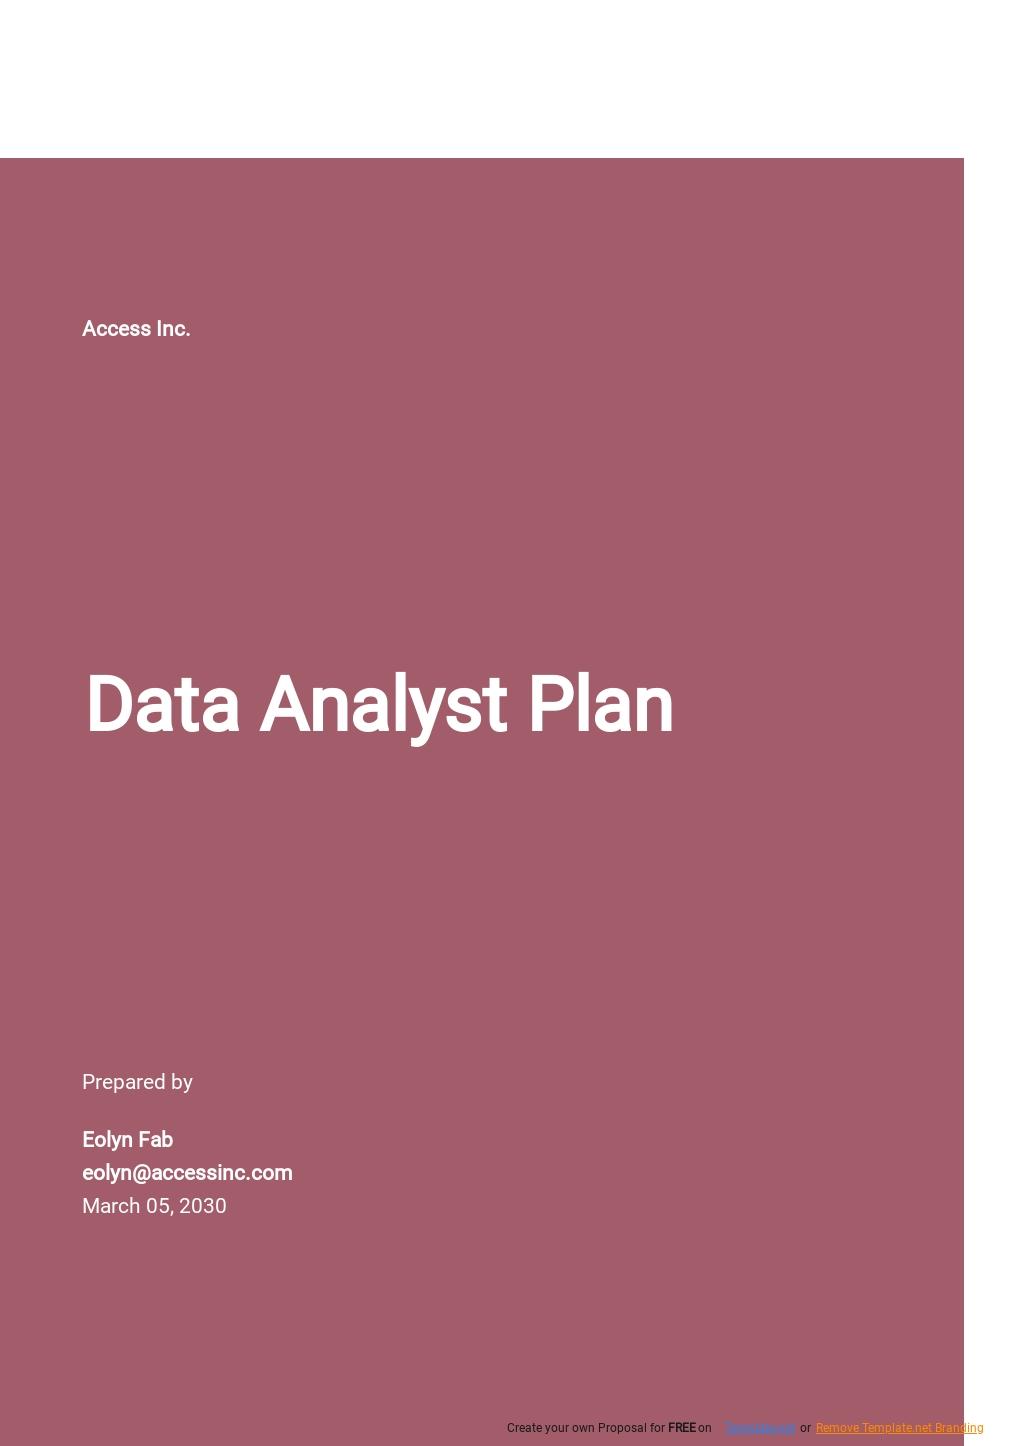 Data Analysis Plan Template.jpe